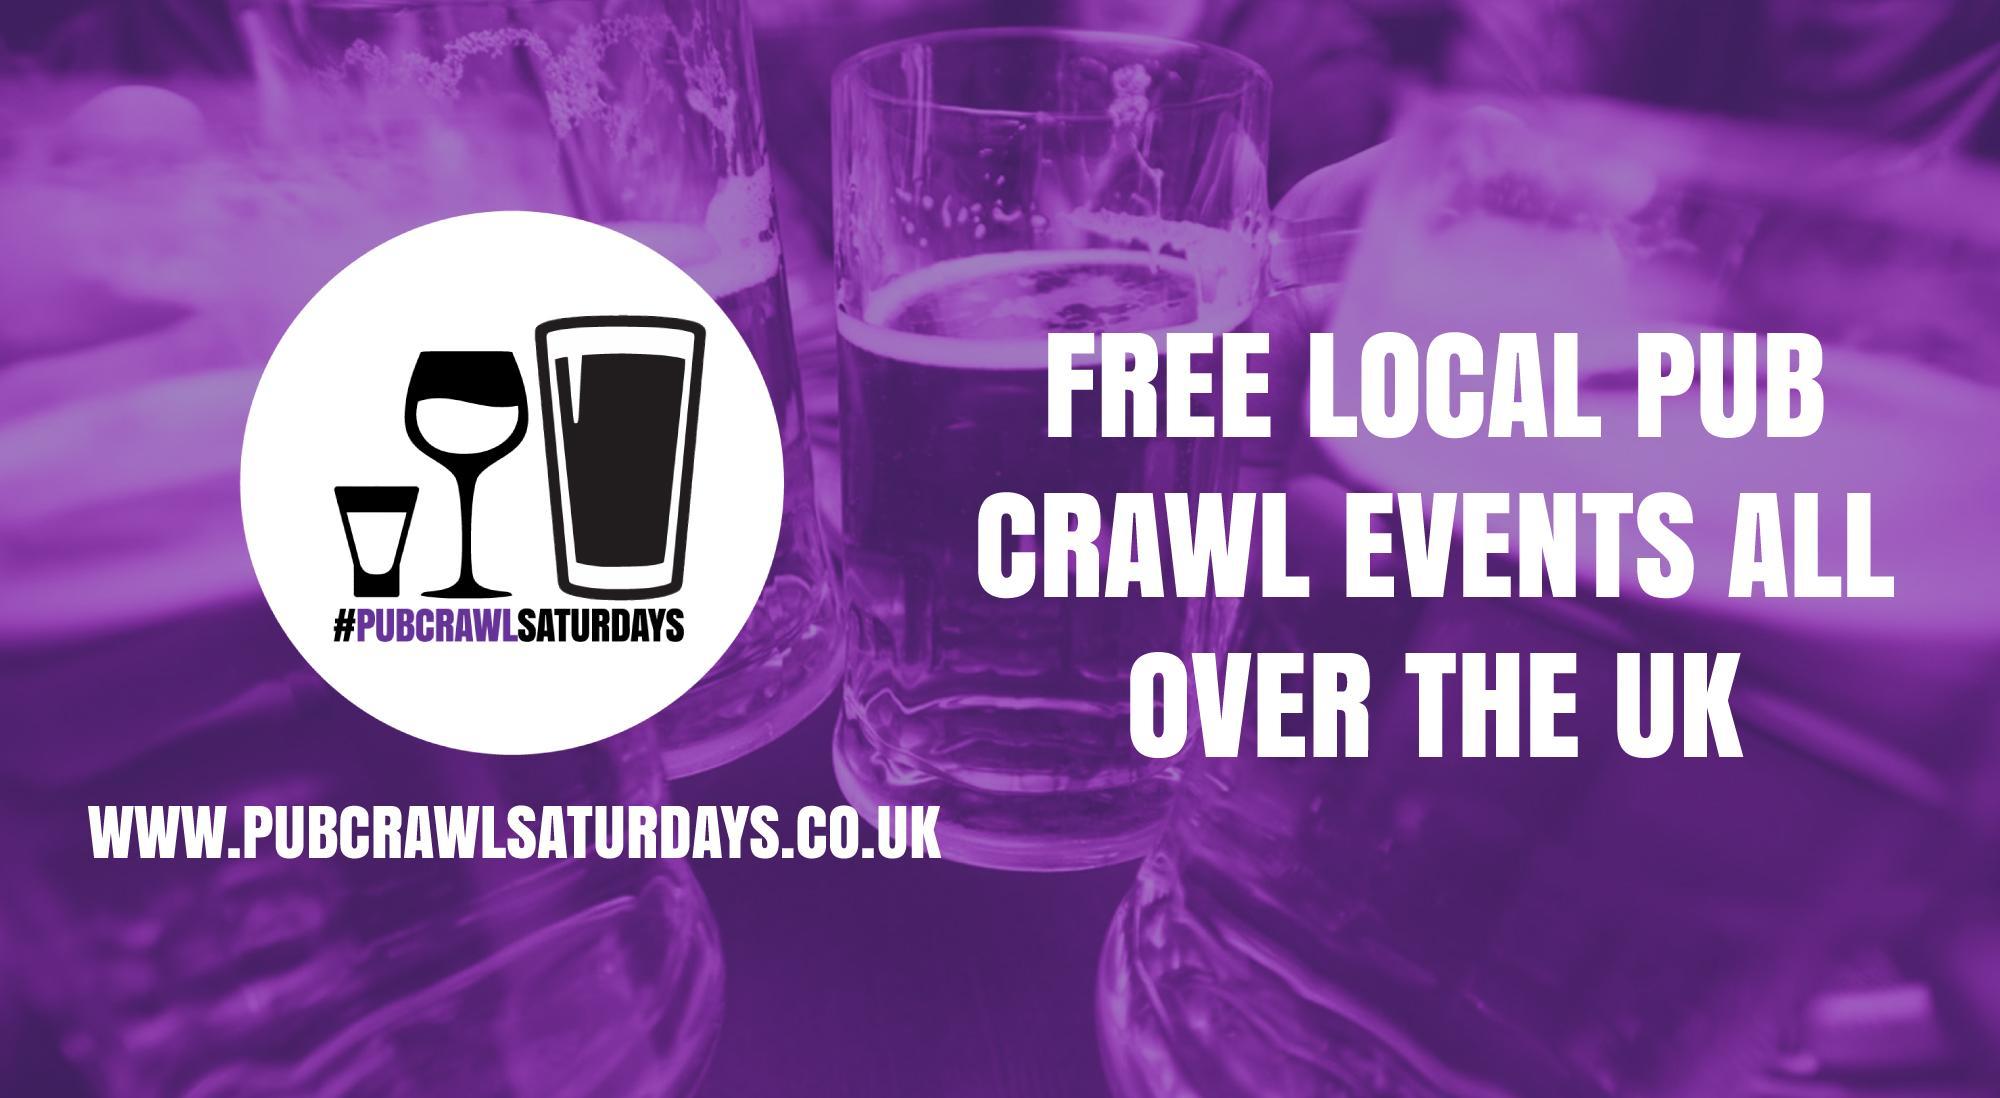 PUB CRAWL SATURDAYS! Free weekly pub crawl event in Camberwell